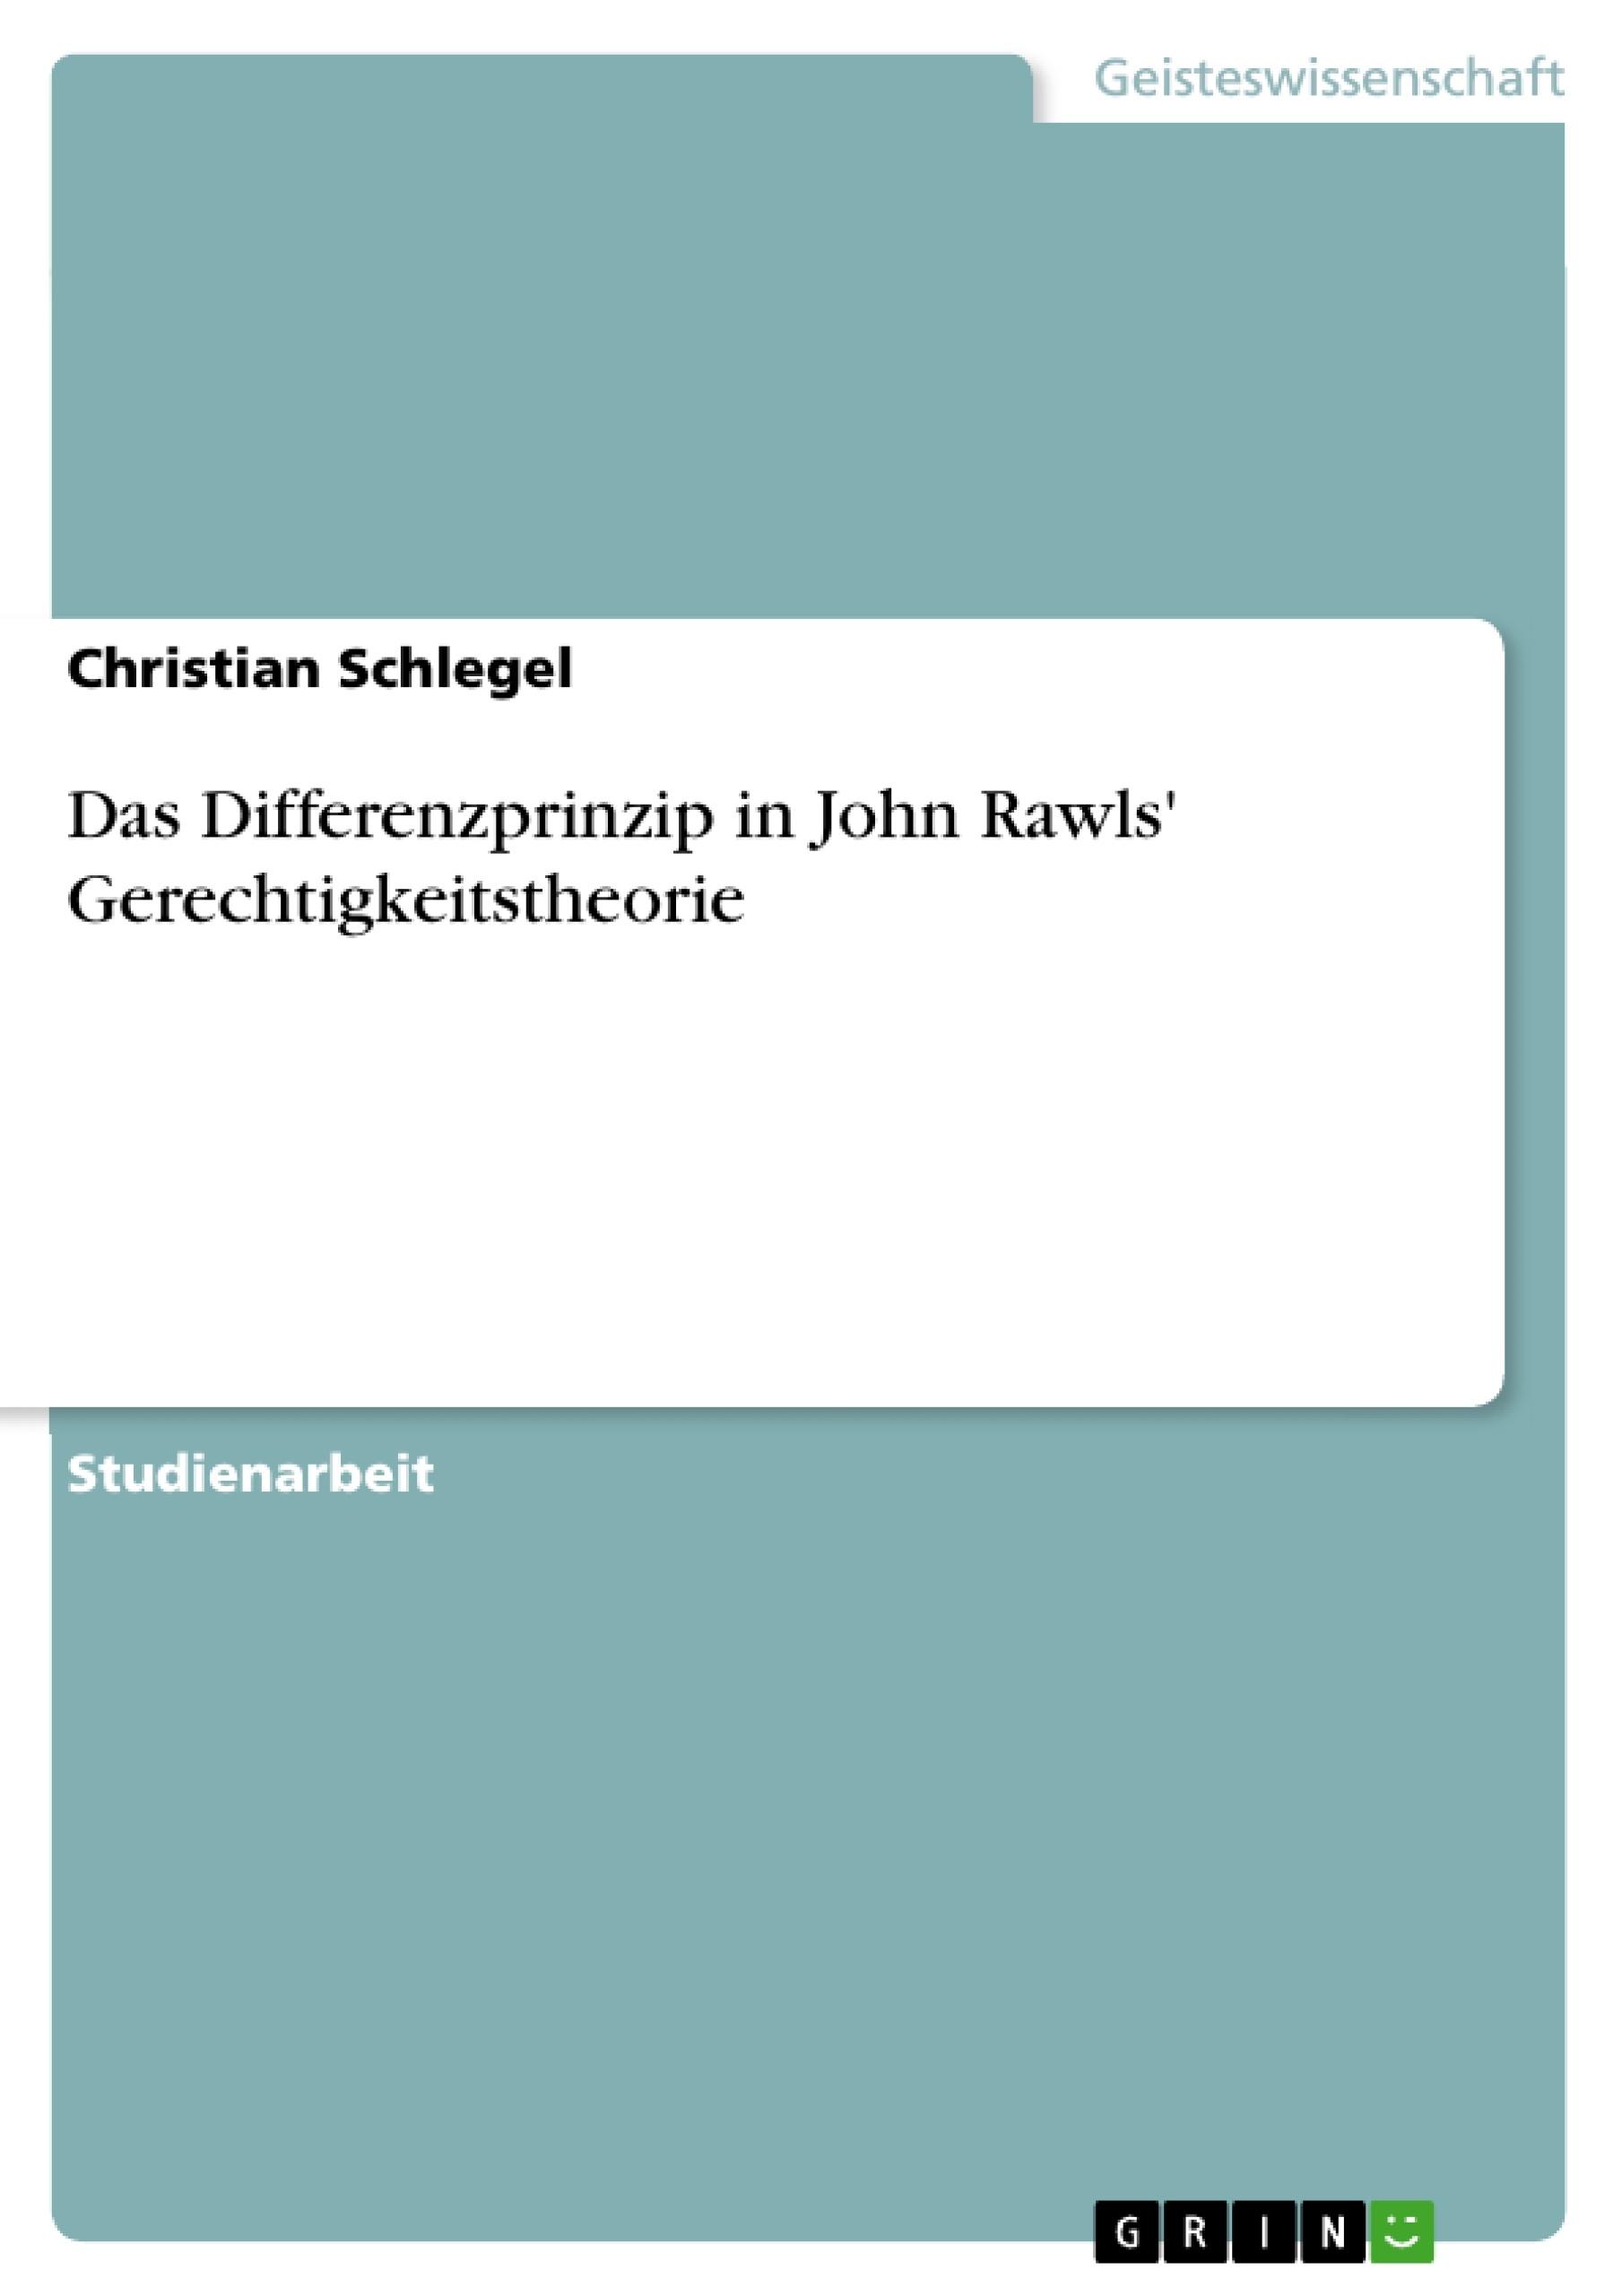 Titel: Das Differenzprinzip in John Rawls' Gerechtigkeitstheorie